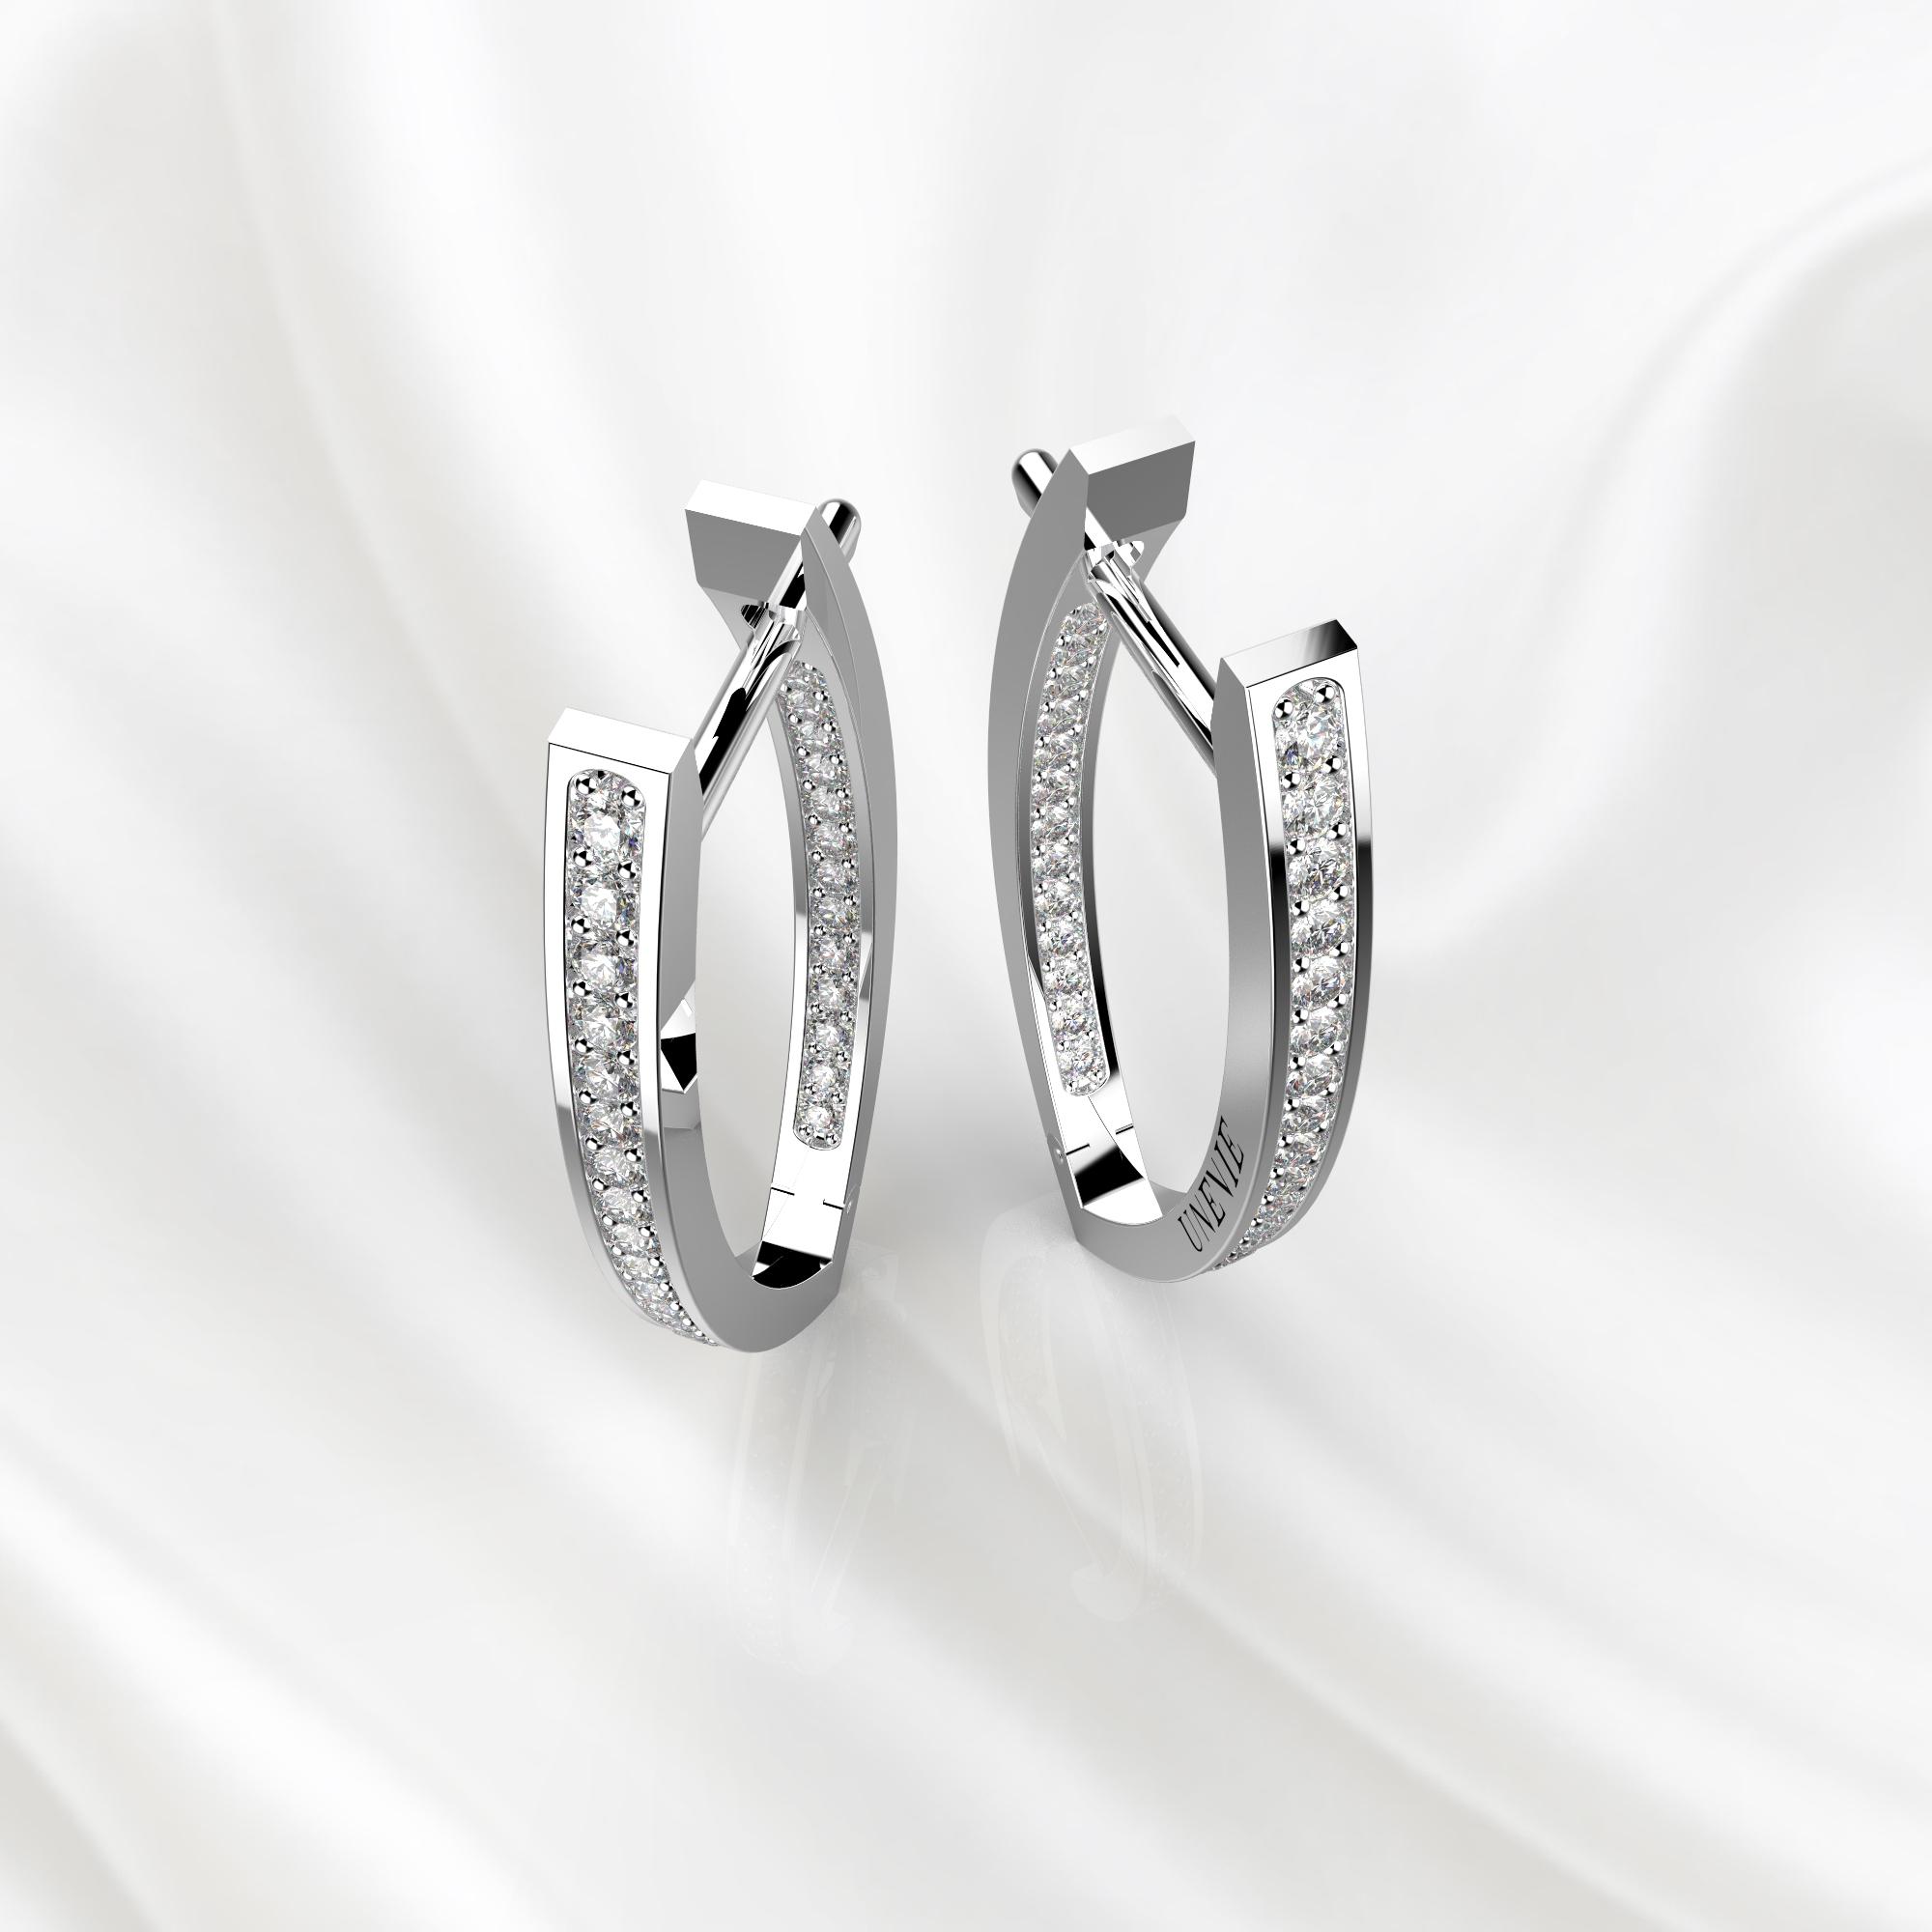 S10 Серьги из белого золота с бриллиантами